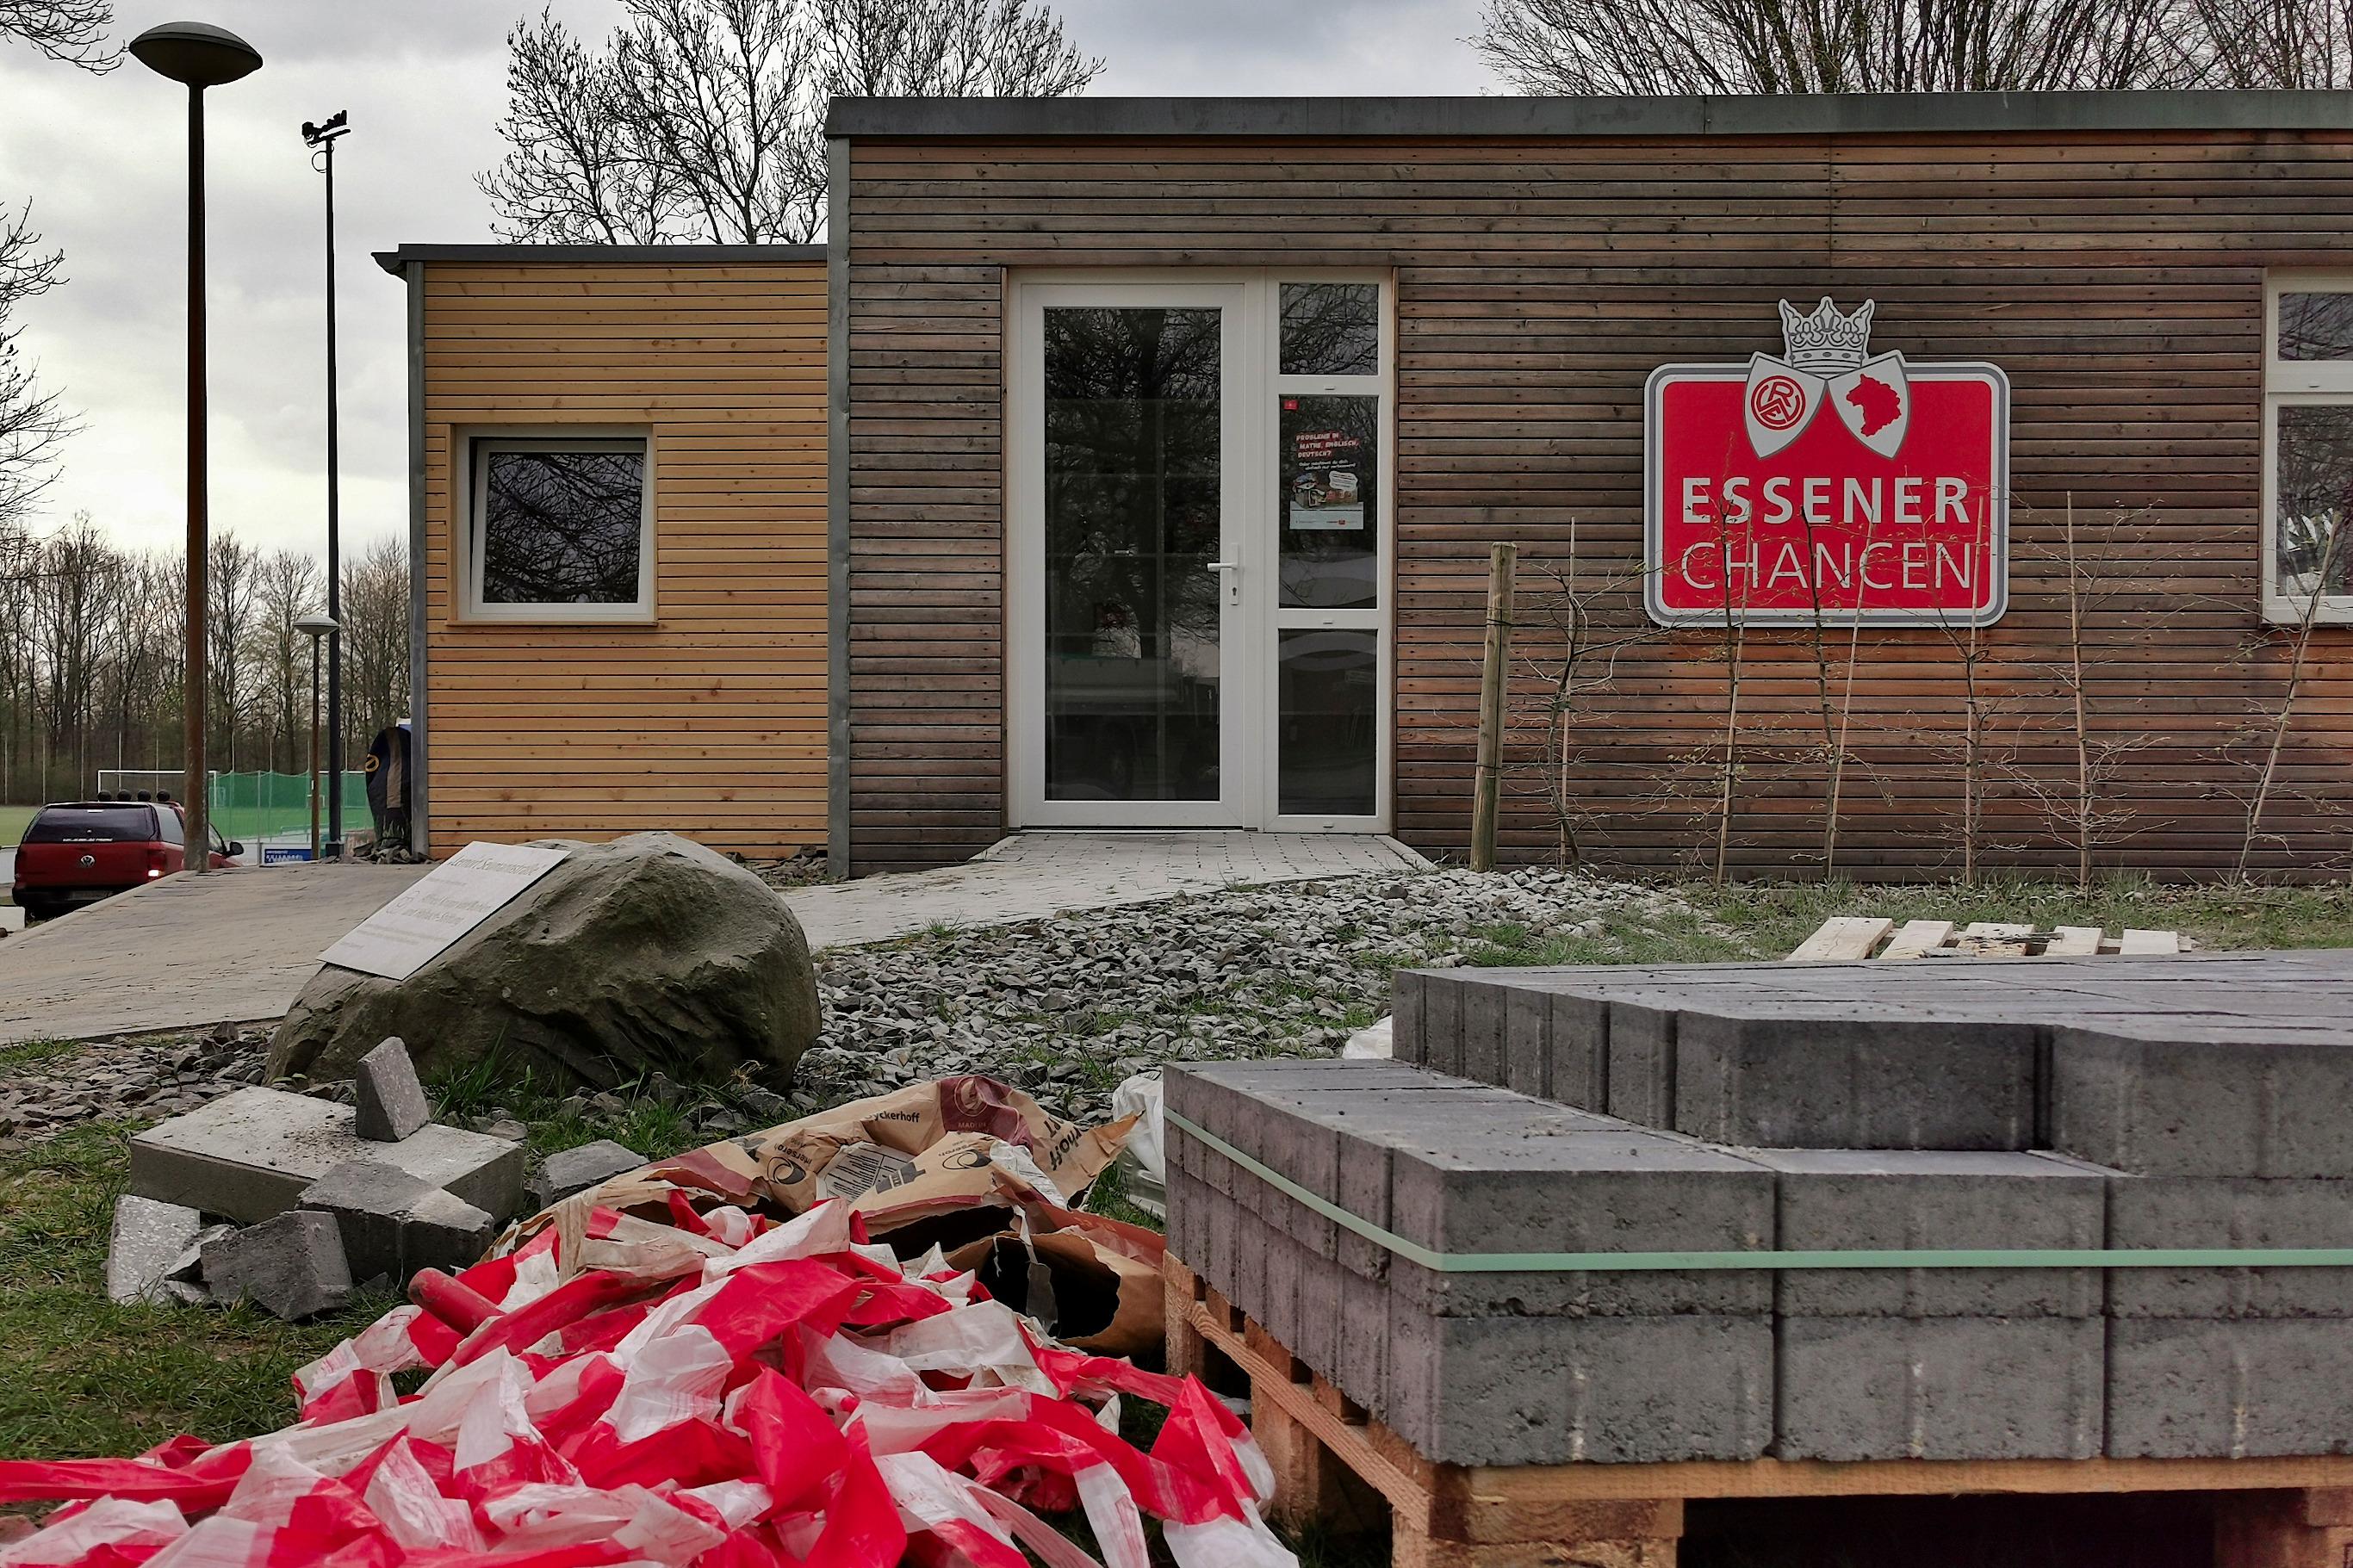 Weiterer Schritt für den Lernort Seumannstraße: Das Gebäude wurde durch einen Kiosk und einen Aufenthaltsbereich erweitert, um den Begegnungscharakter weiter zu stärken. (Fotos: Müller/EC)